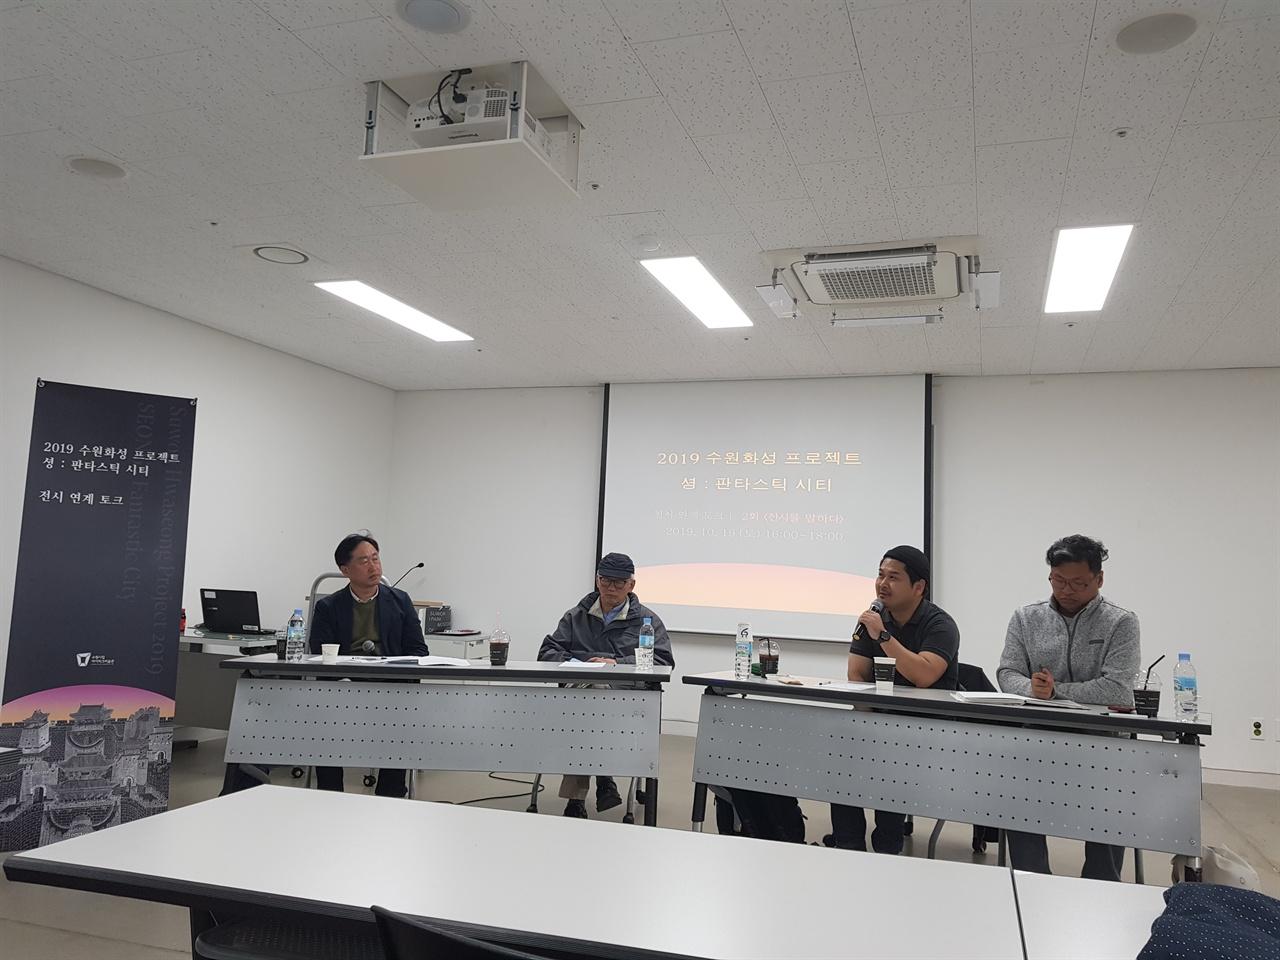 김준혁 교수와 3인의 예술가  김준혁 교수와 3인의 예술가가 함께 만나 역사와 예술을 논하다